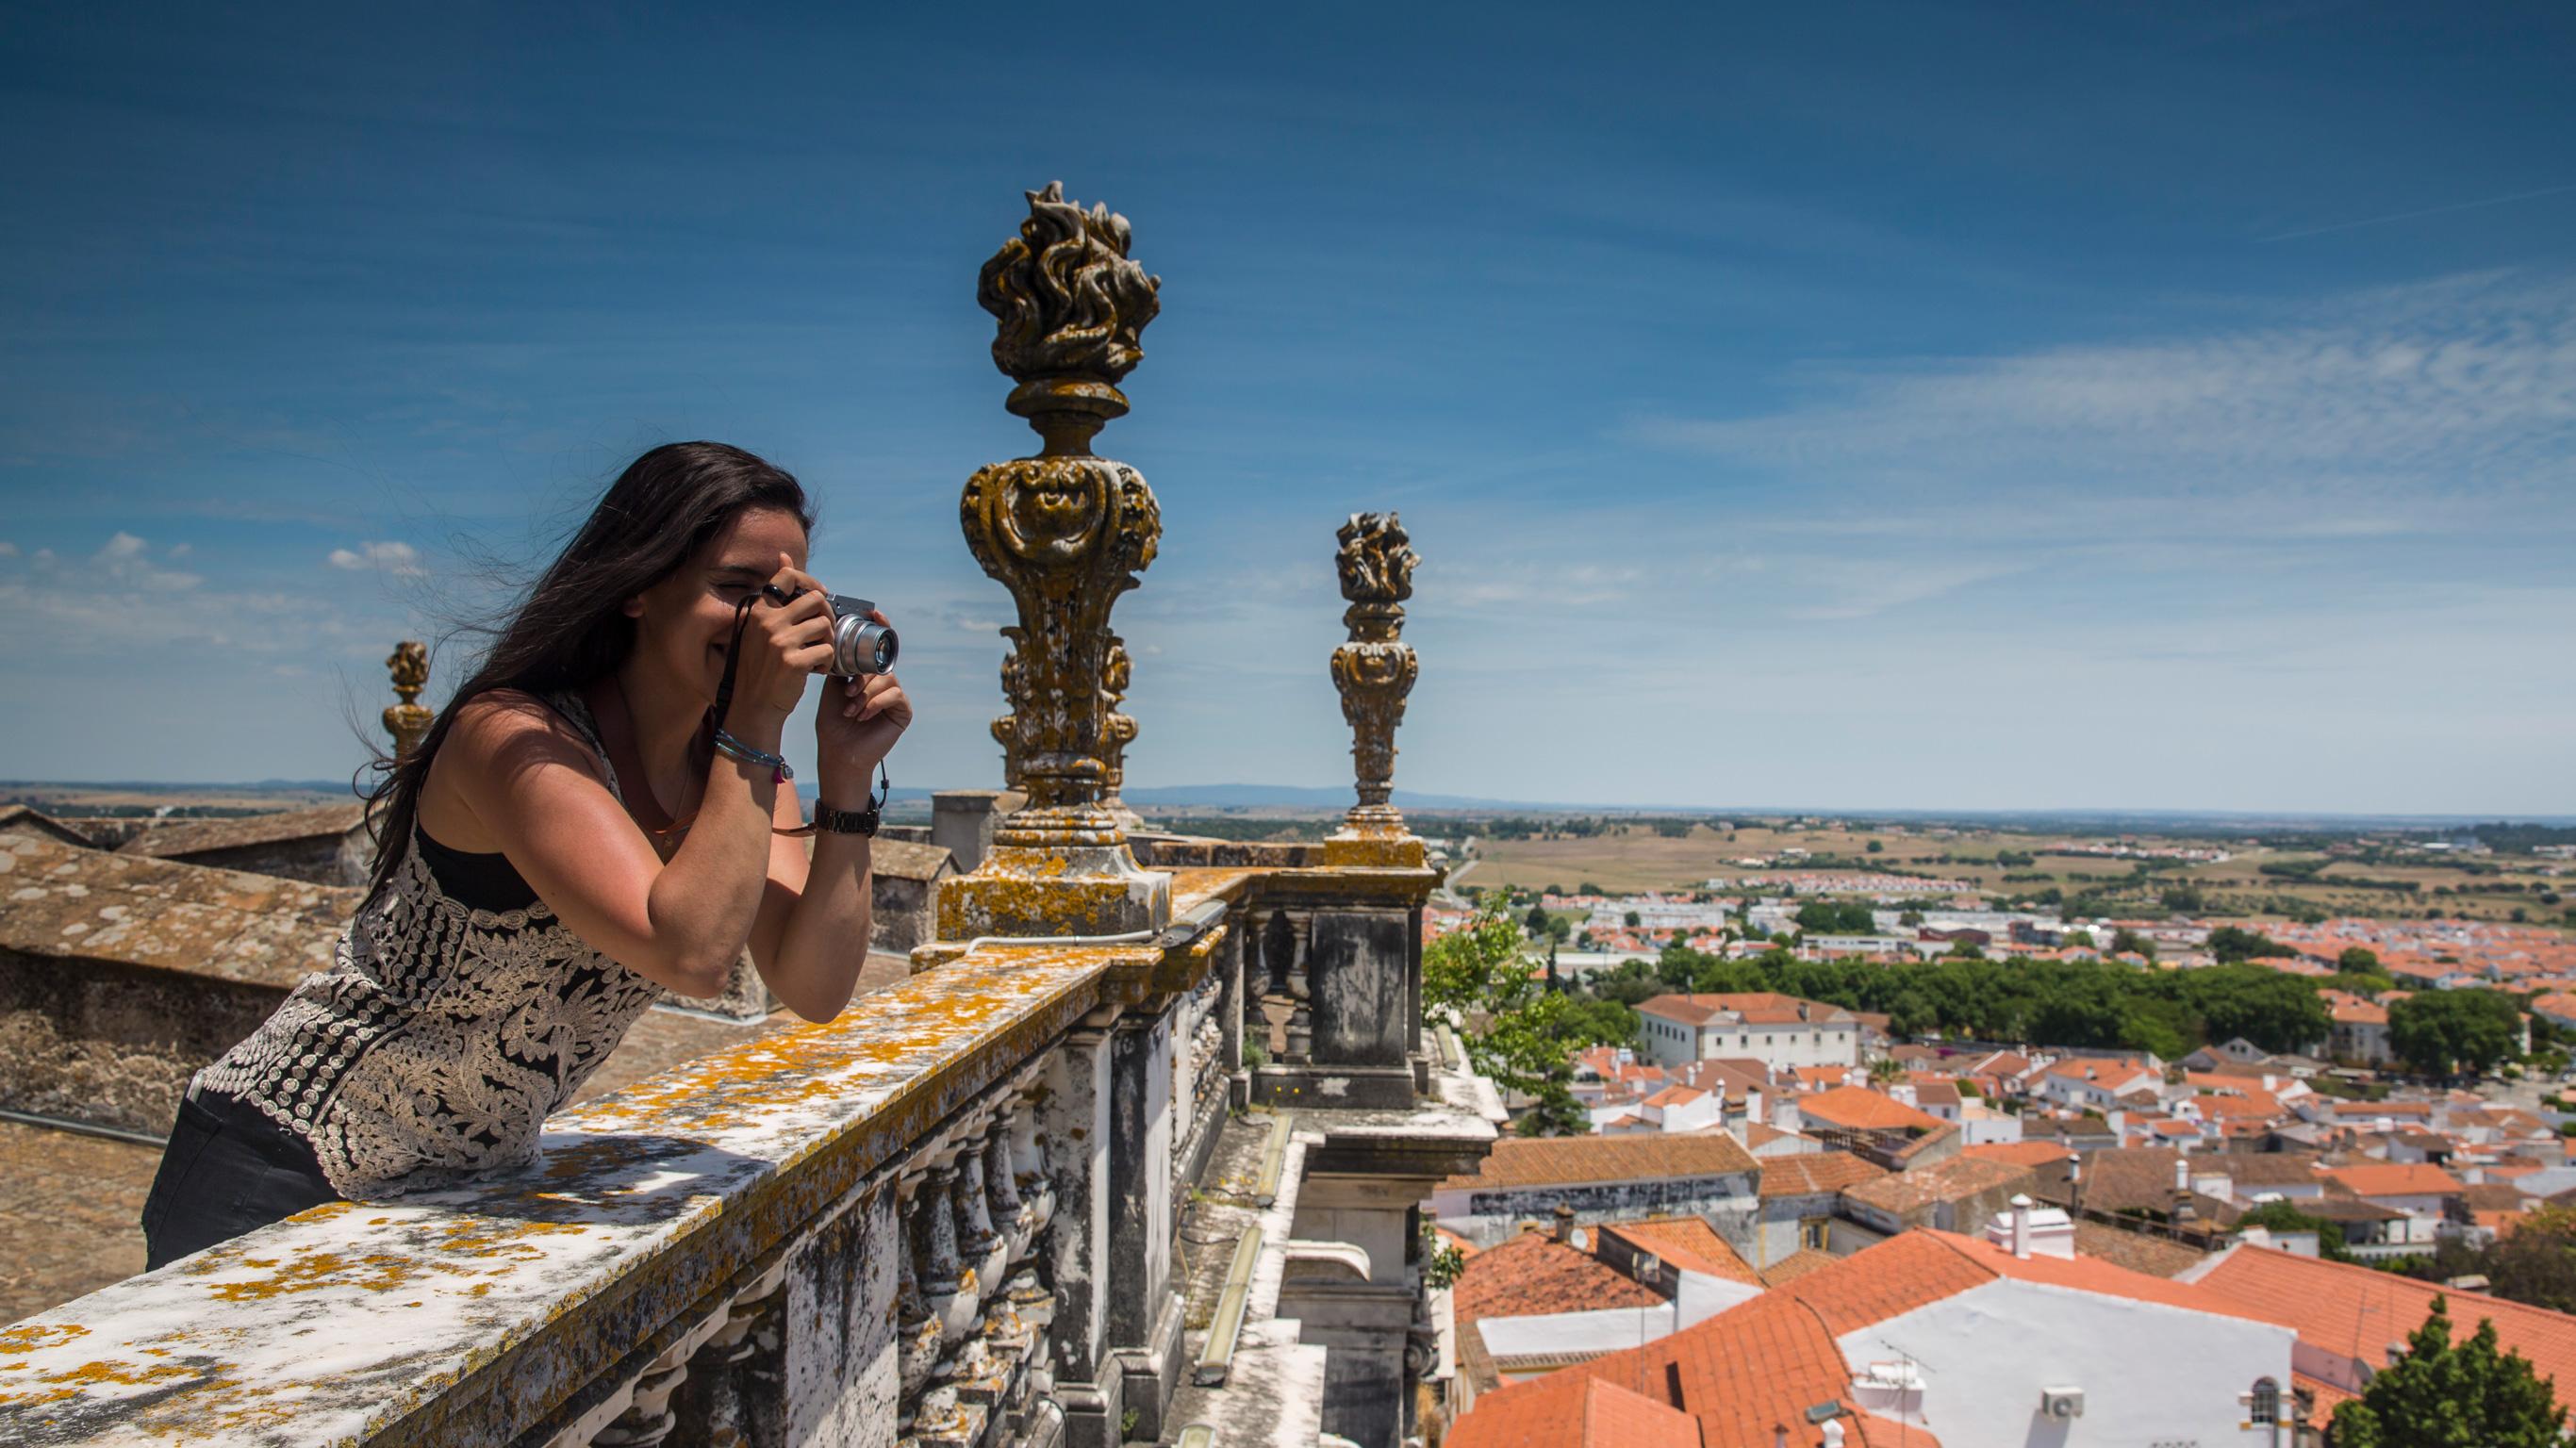 Erlebnisreise durch Spanien, Portugal und Marokko